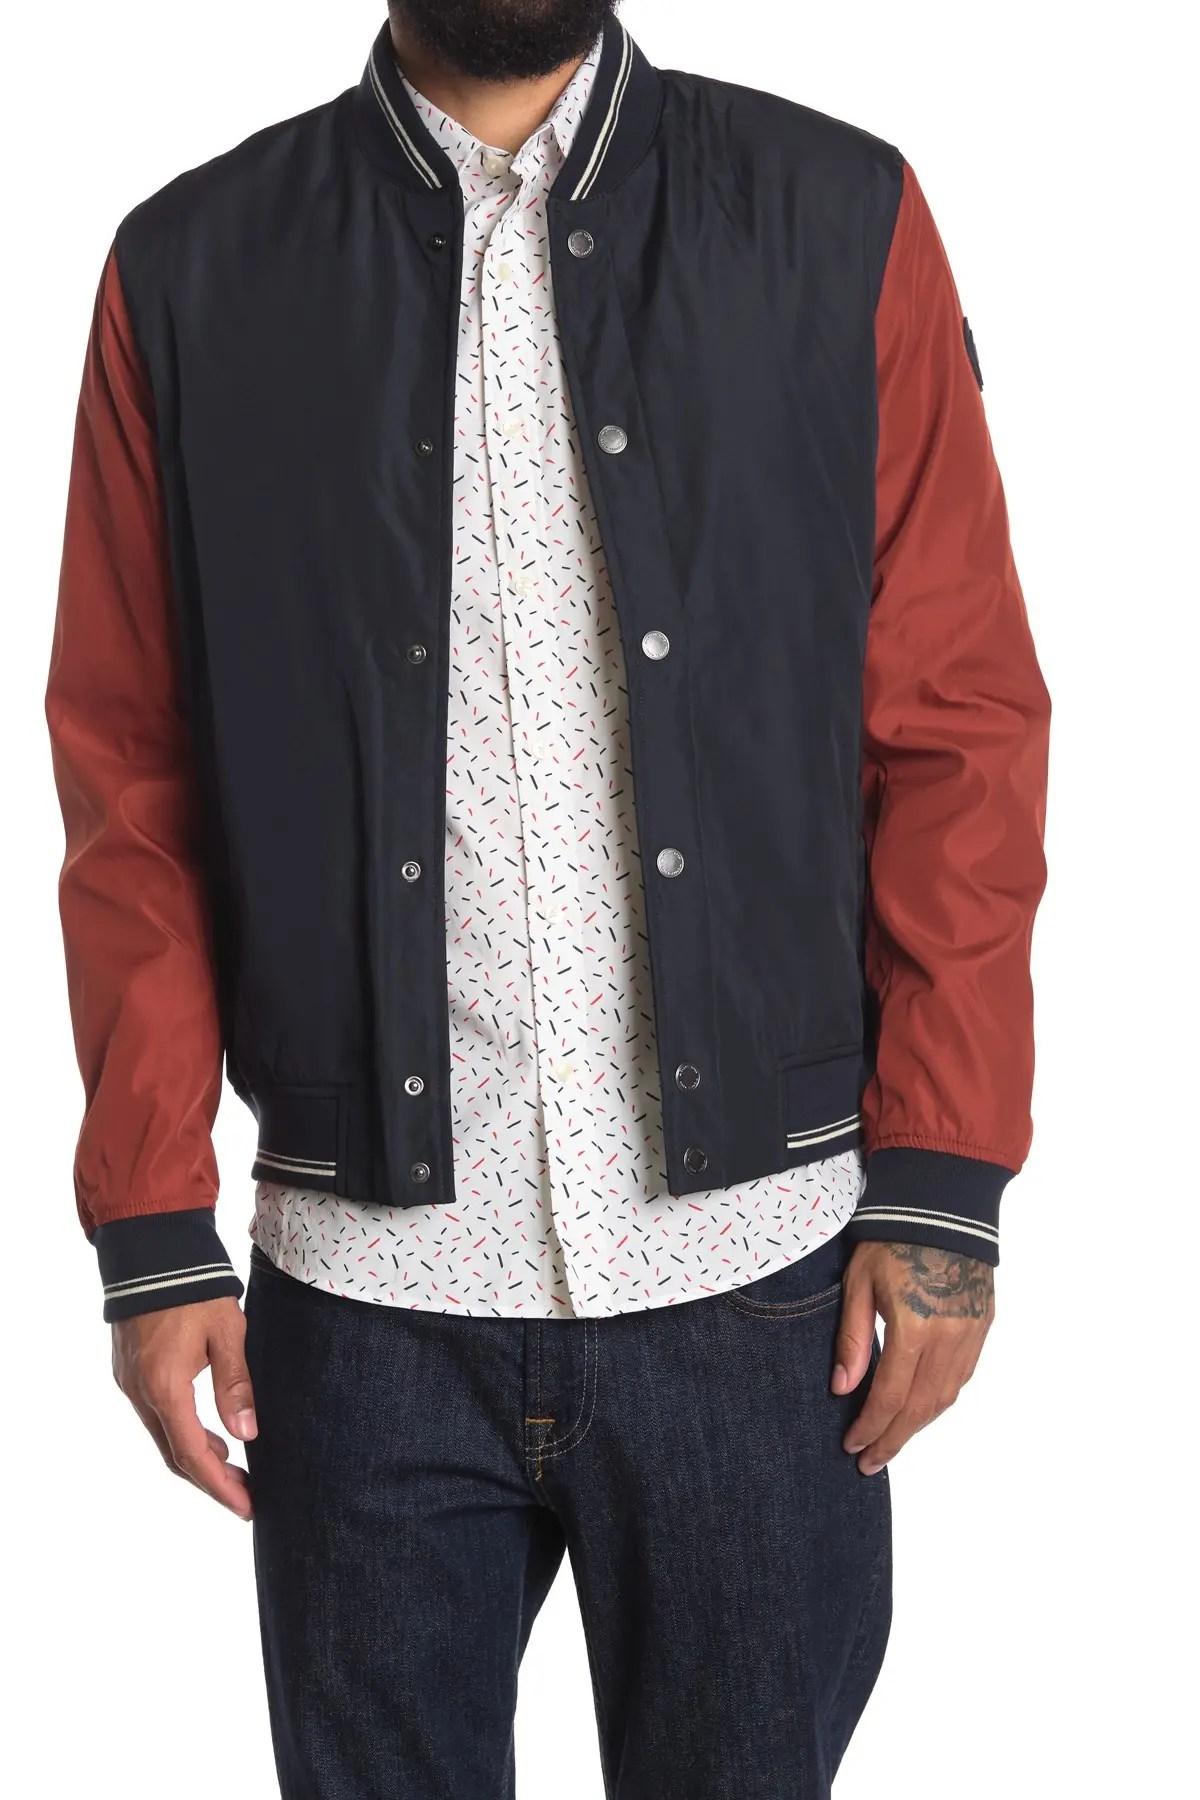 michael kors coats jackets for men